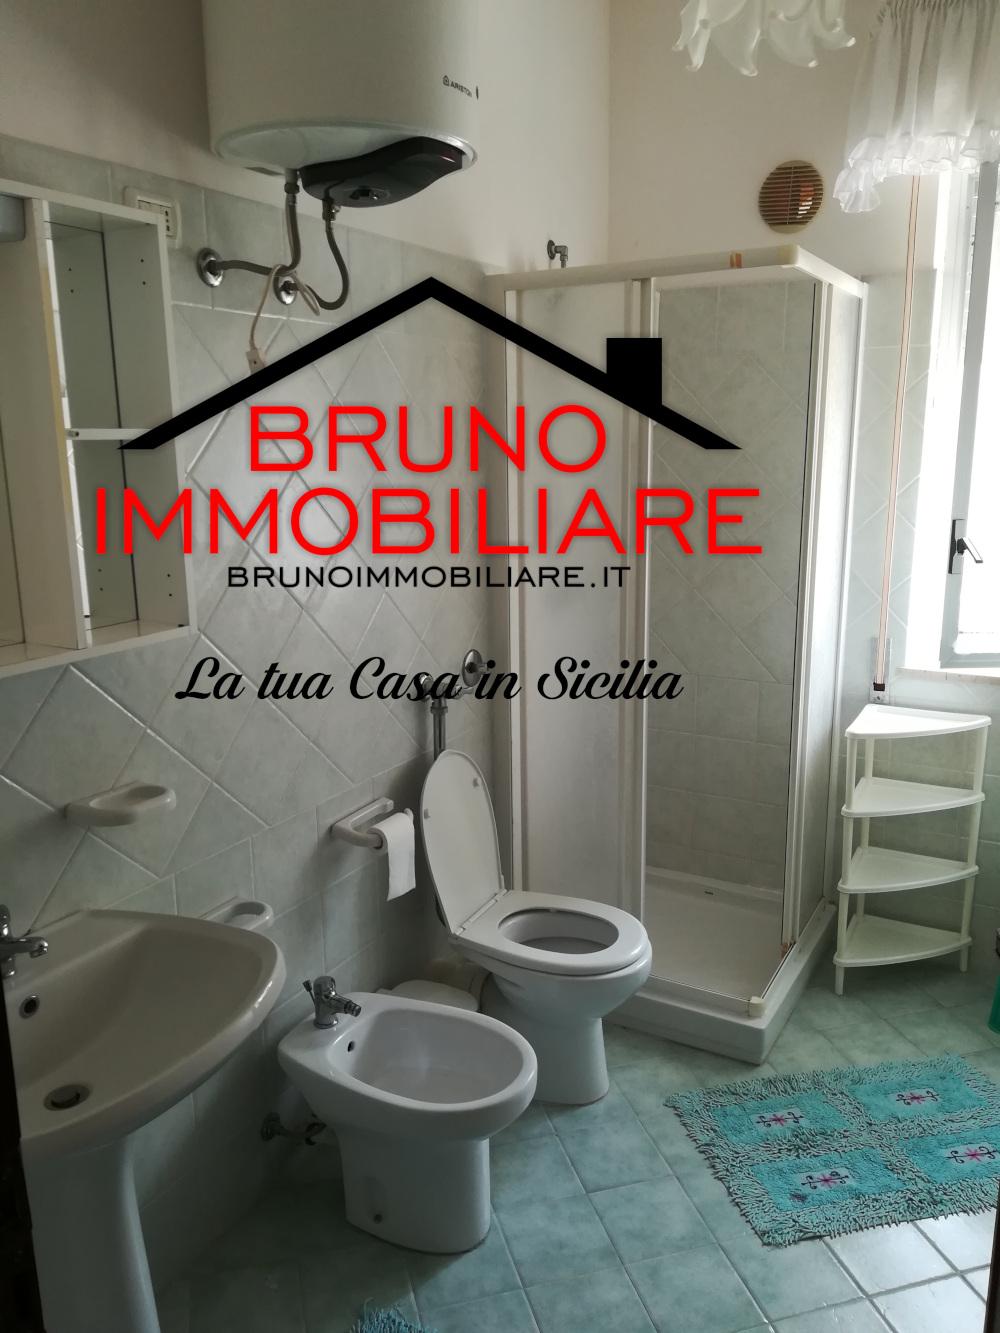 Alcamo Marina (TP), Alcamo, 2 Bedrooms Bedrooms, 2 Rooms Rooms,1 BagnoBathrooms,Appartamento,Casa Vacanze,1074